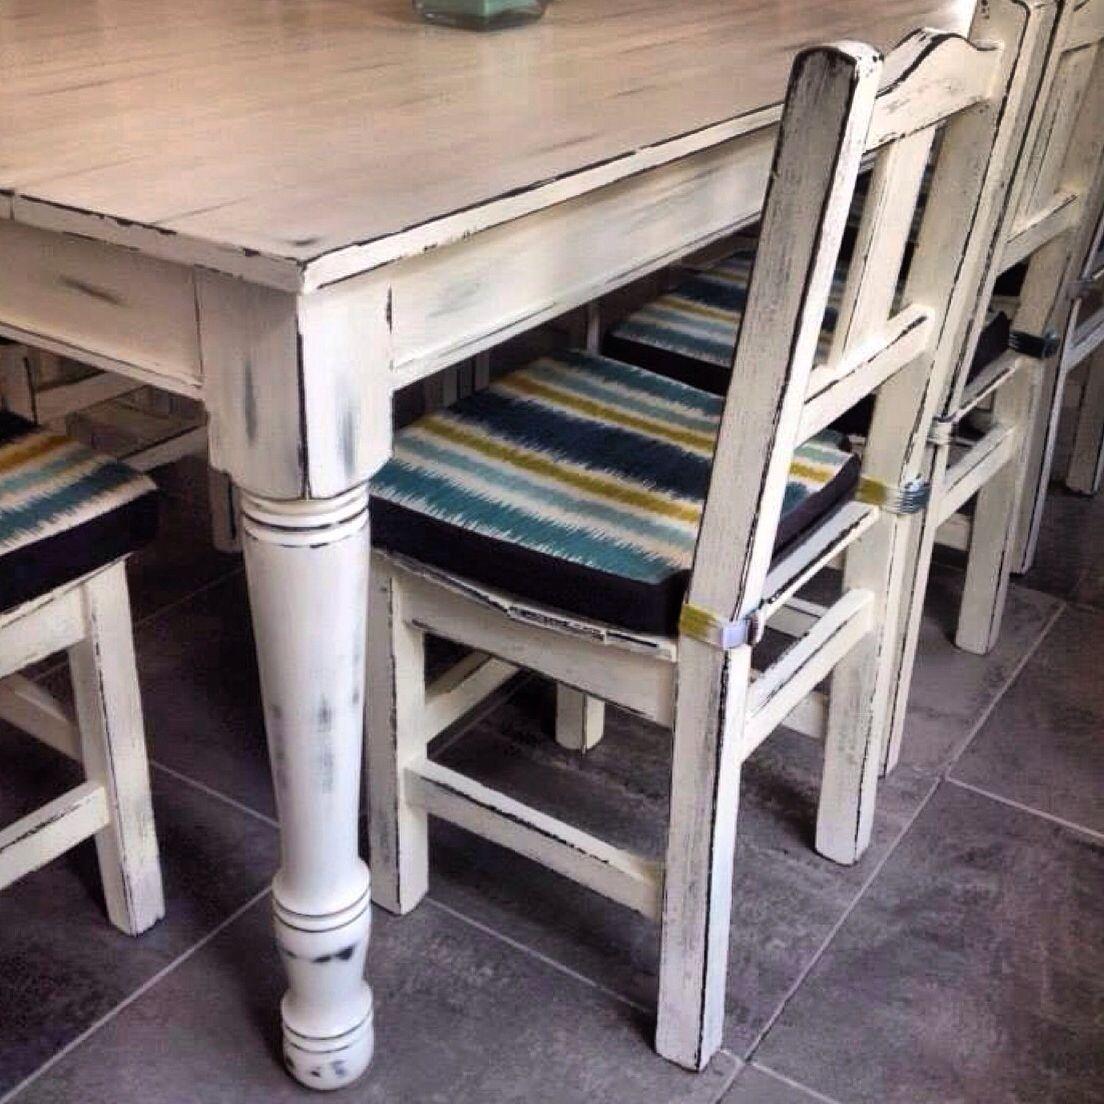 Mesa comedor + sillas patinadas en blanco Www.decoalcubo.com.ar ...